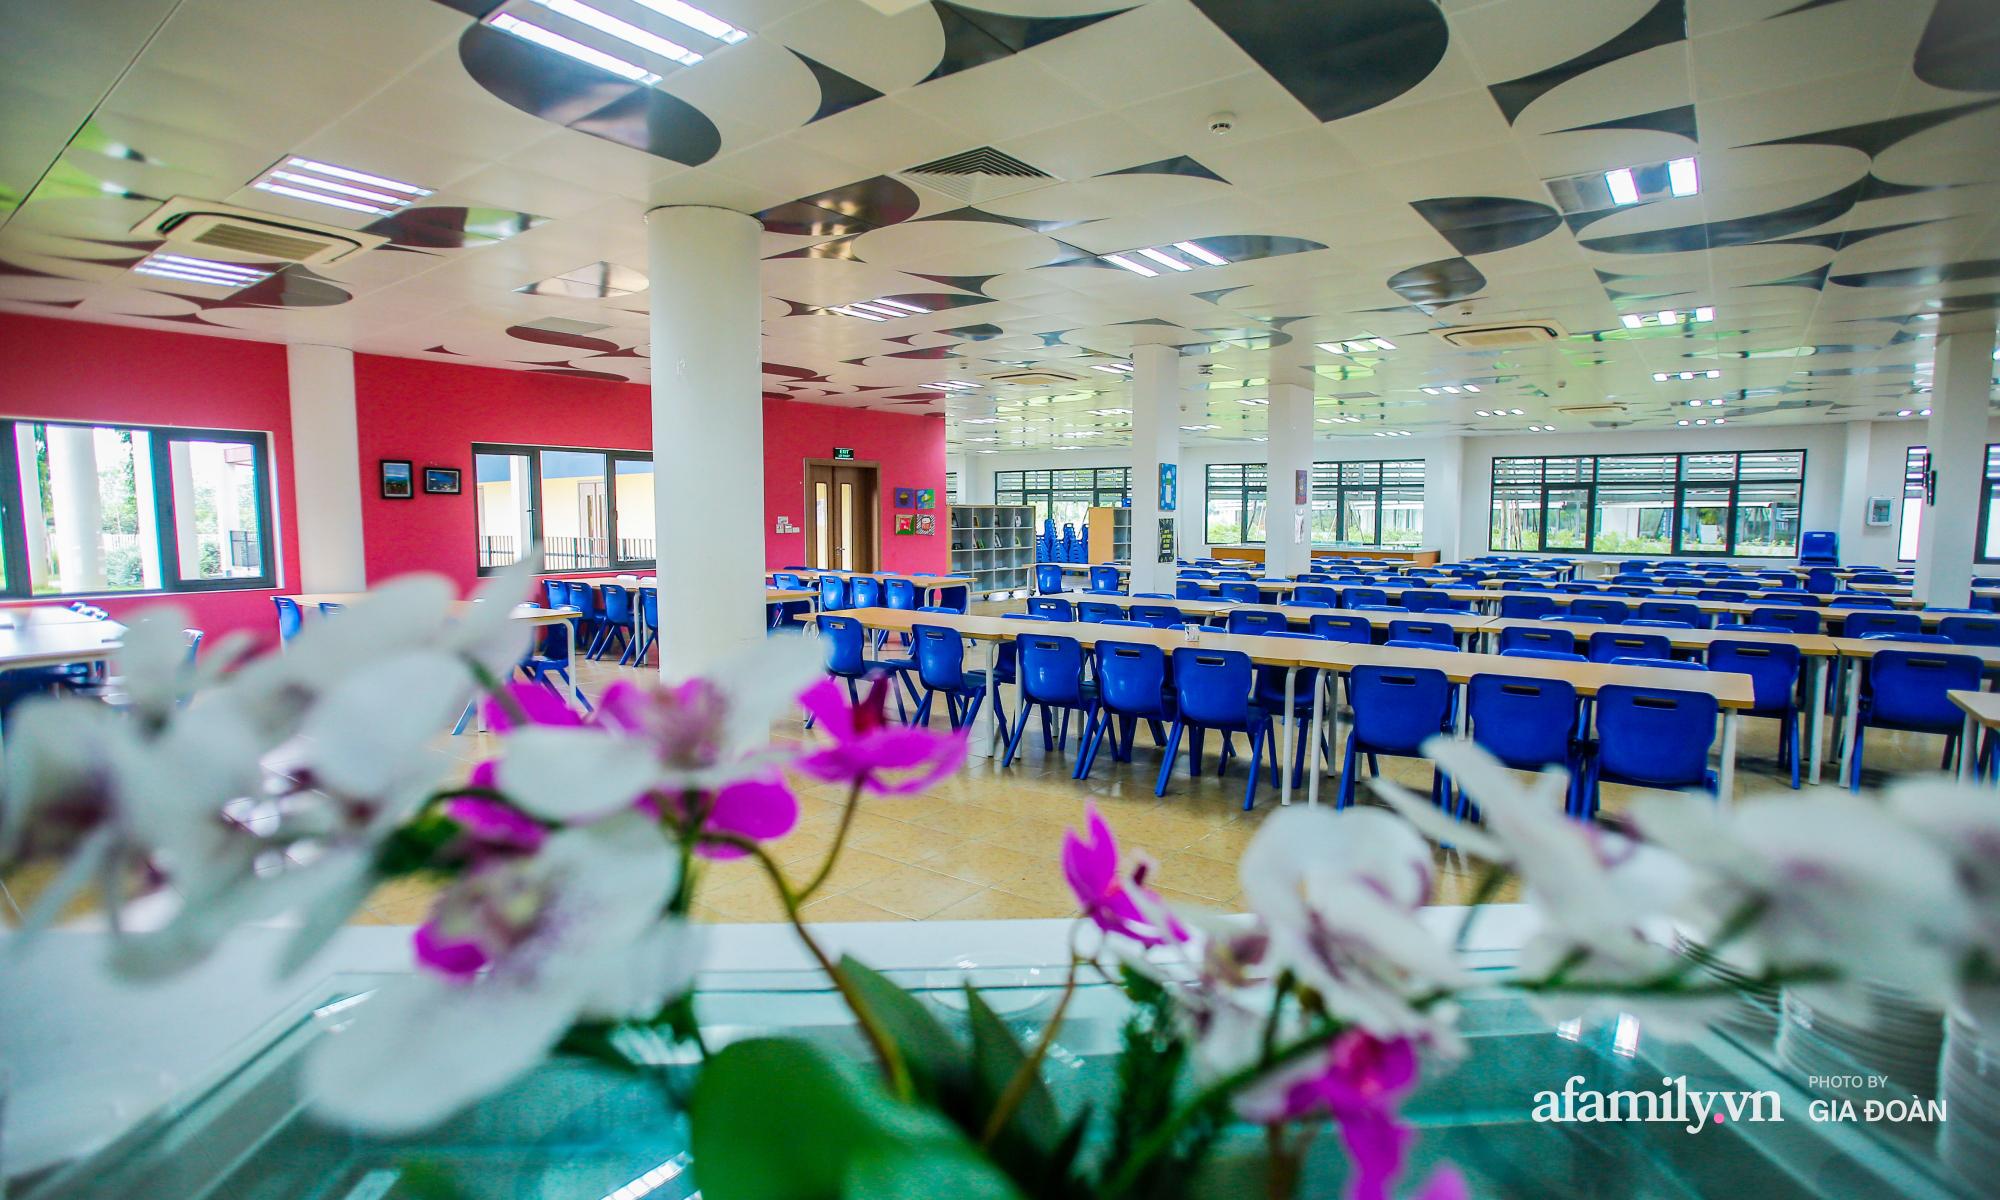 """""""Đột nhập"""" trường nội trú chuẩn quốc tế ở Hà Nội: Học phí nửa tỷ đồng/năm, con đi học một thời gian mà thay đổi 180 độ - Ảnh 17."""